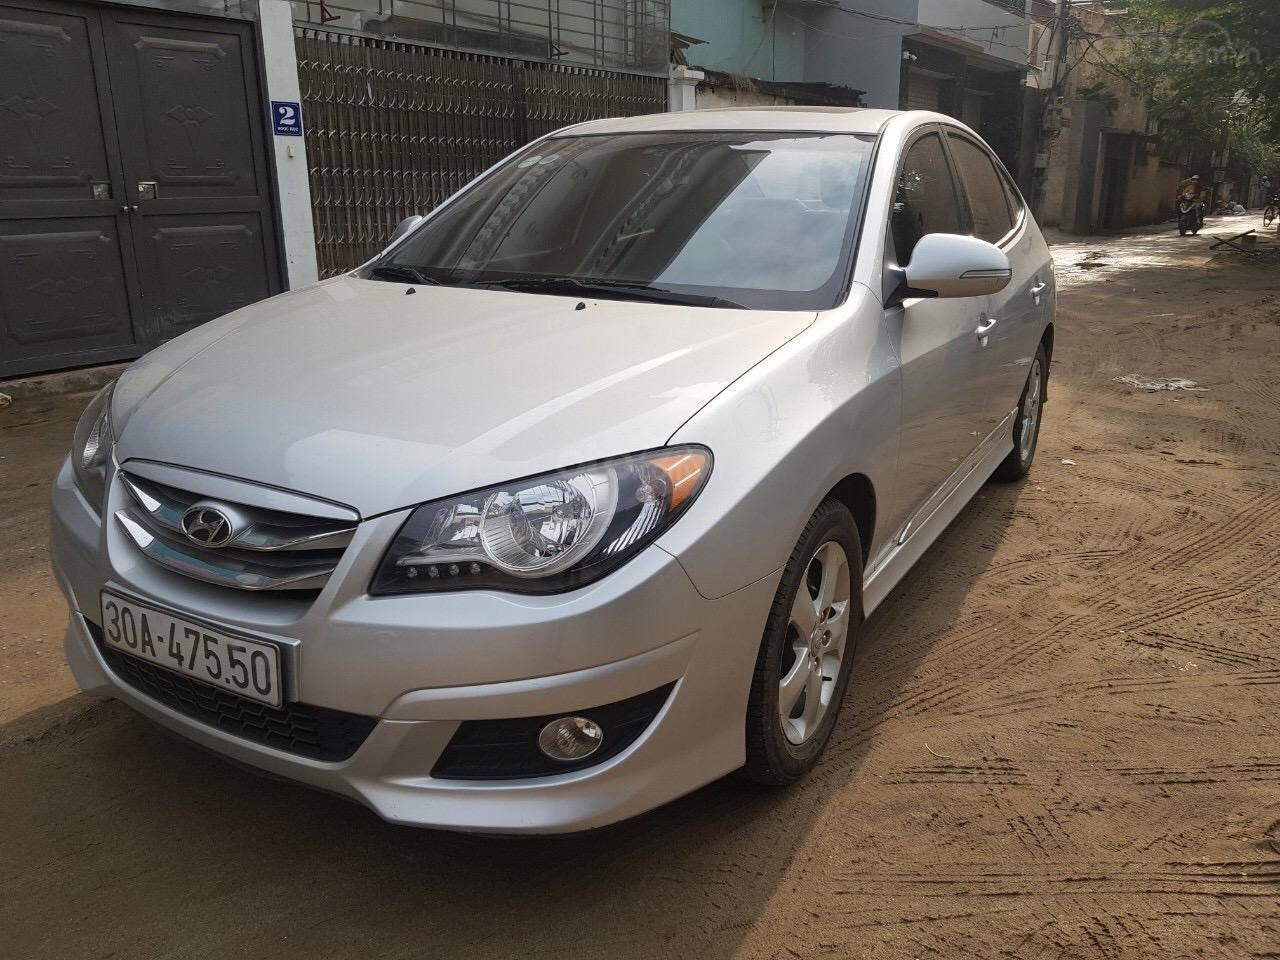 Cần bán Hyundai Avante năm sản xuất 2014, nhập khẩu (1)